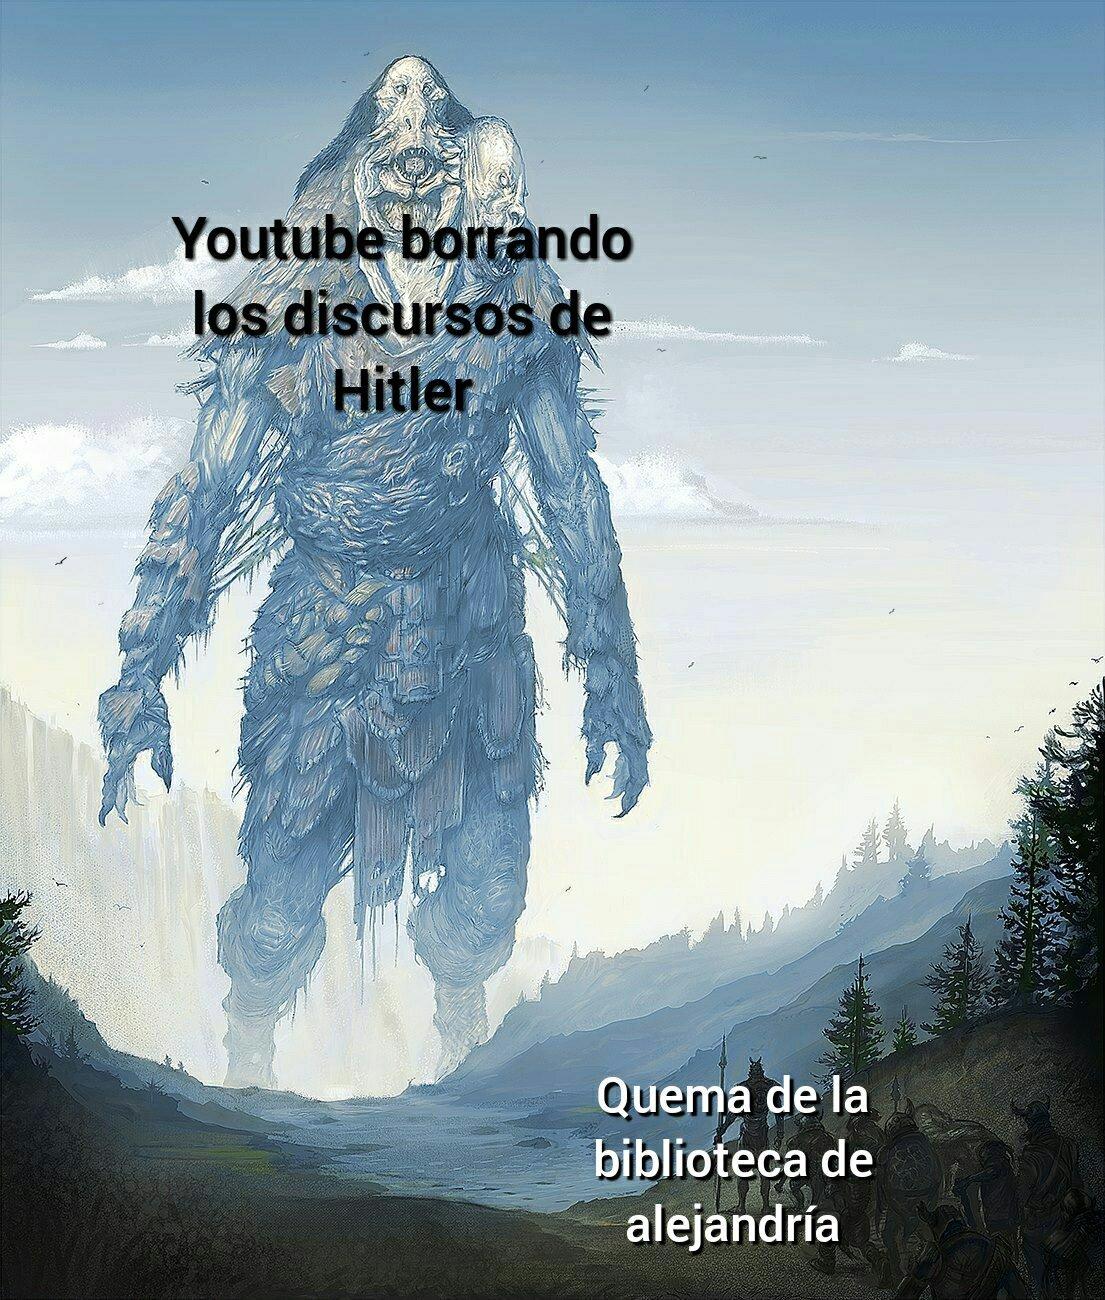 Ggr - meme